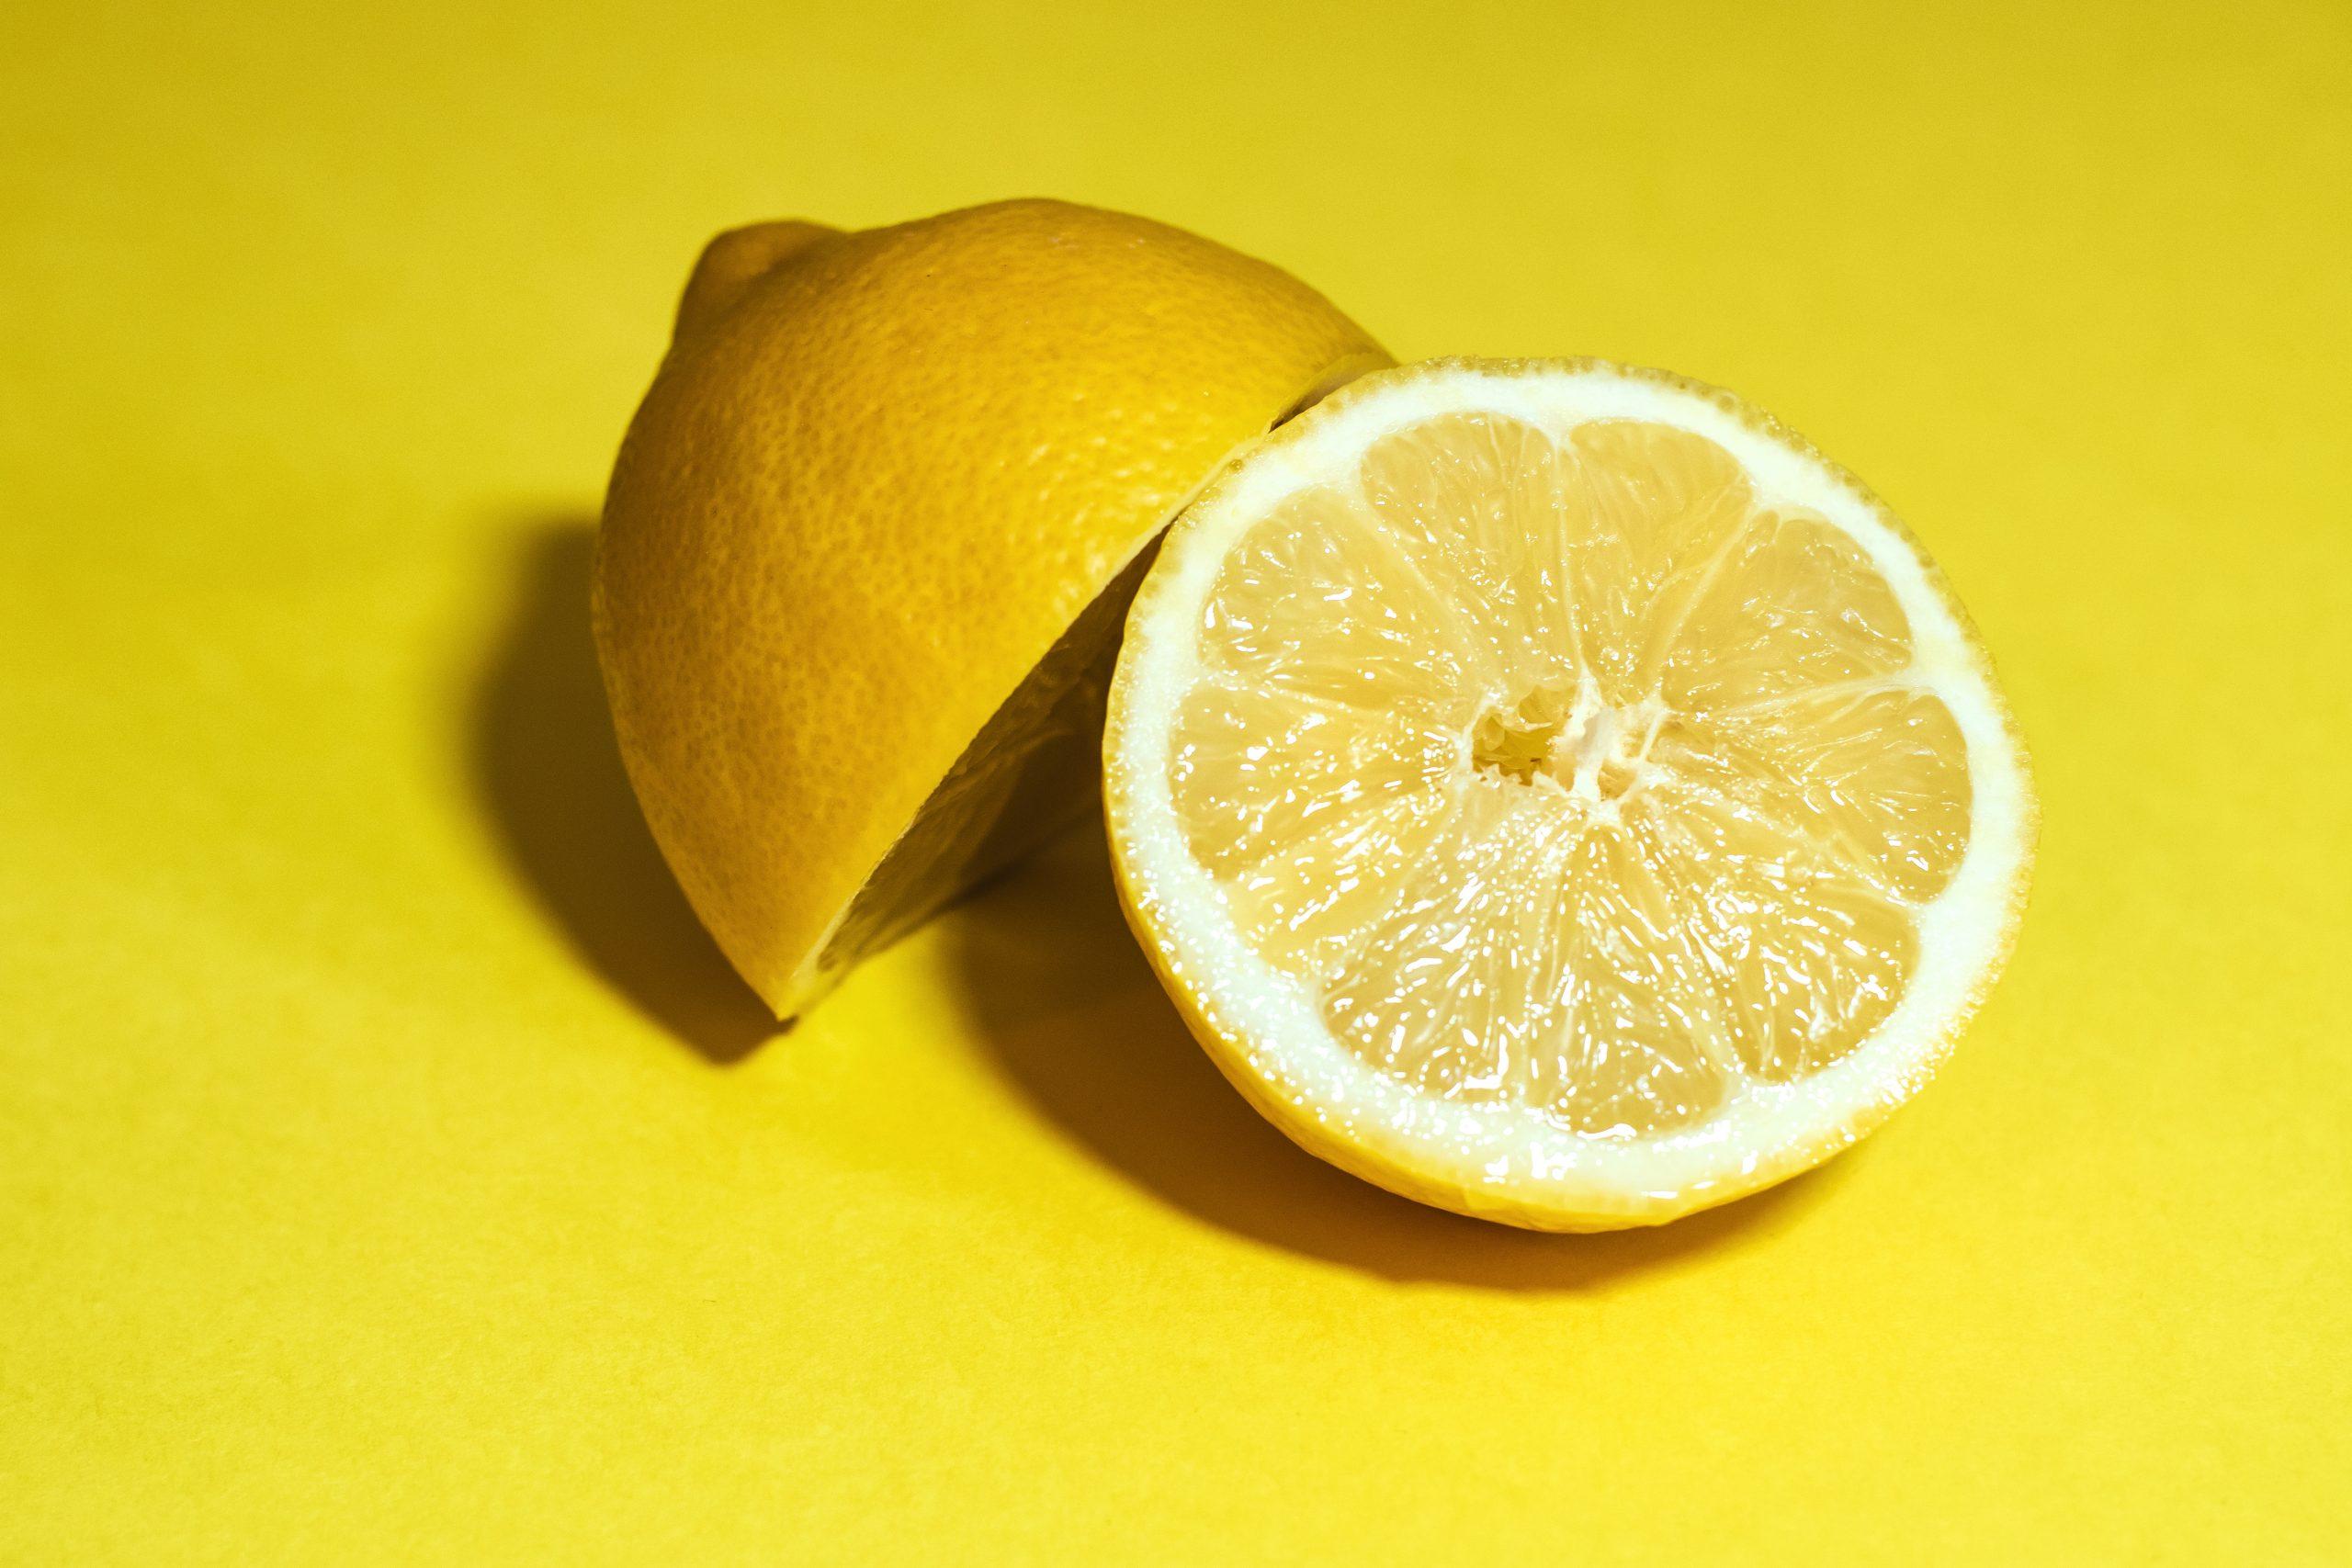 Beneficio de los limones para la salud